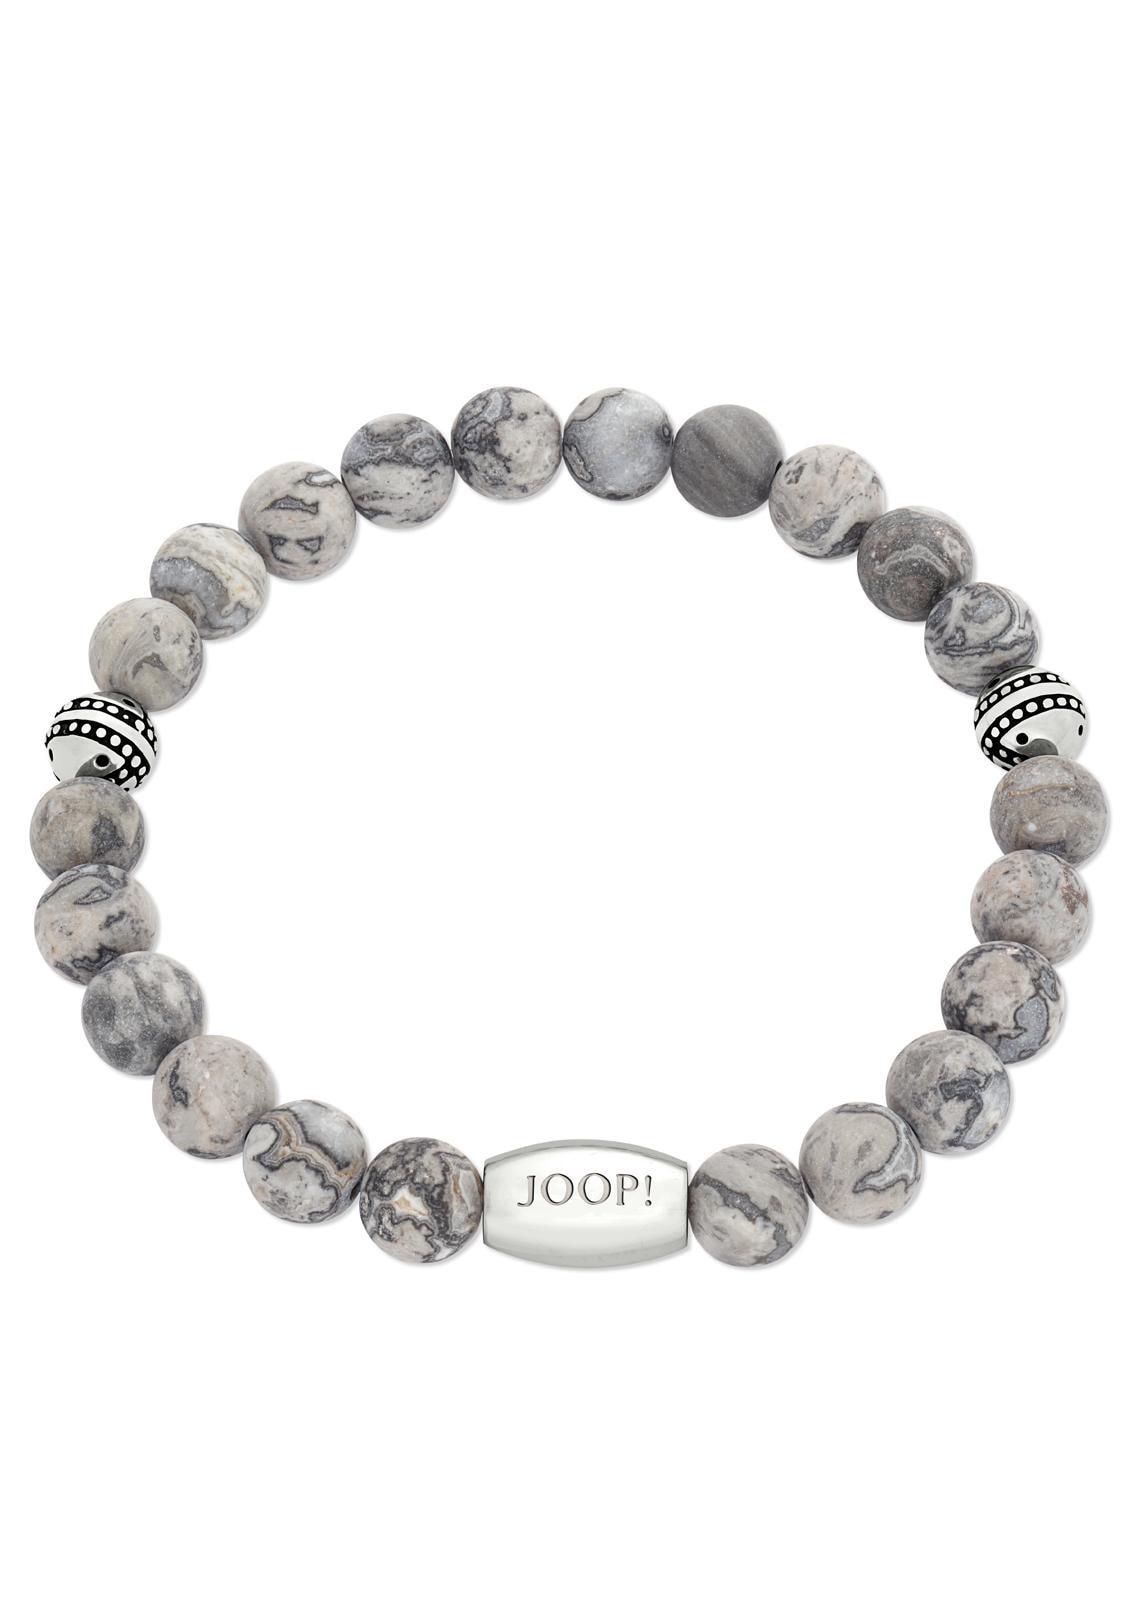 Joop! Armband 2023476   Schmuck > Armbänder > Sonstige Armbänder   Grau   Joop!